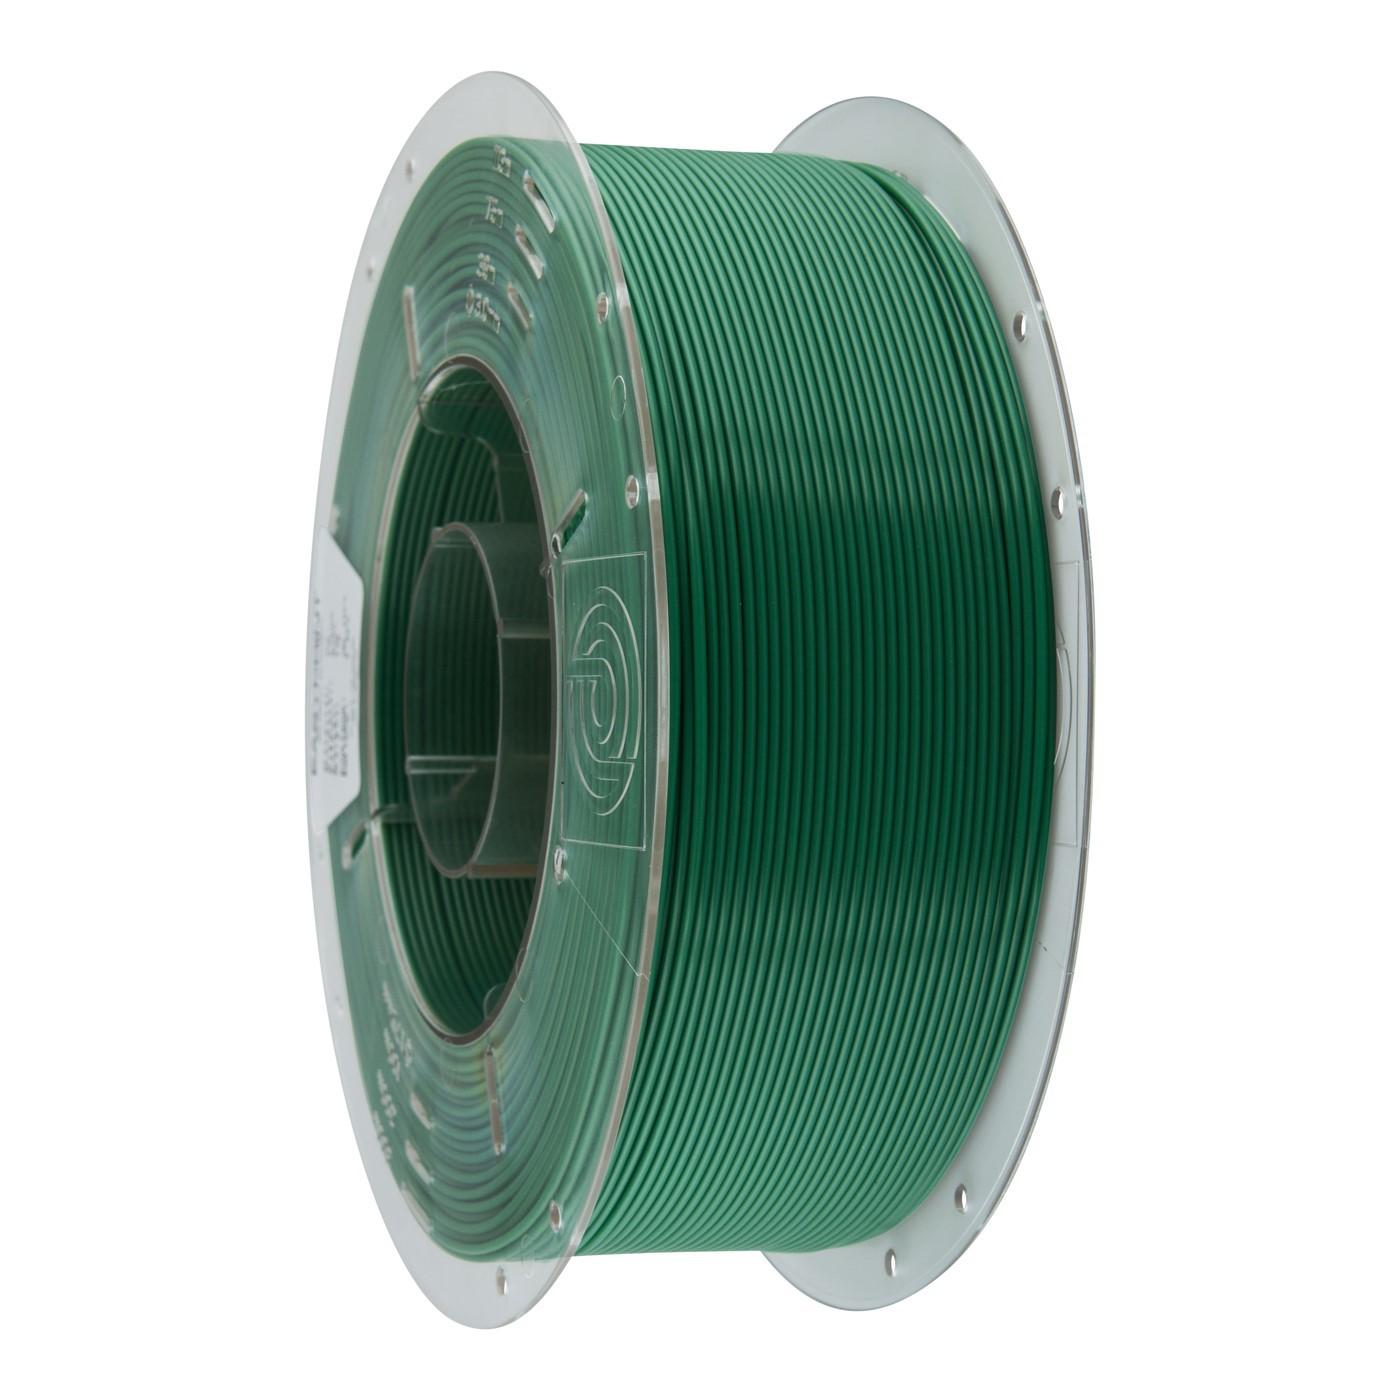 EasyPrint PLA - 1.75mm - 1 kg - Grön